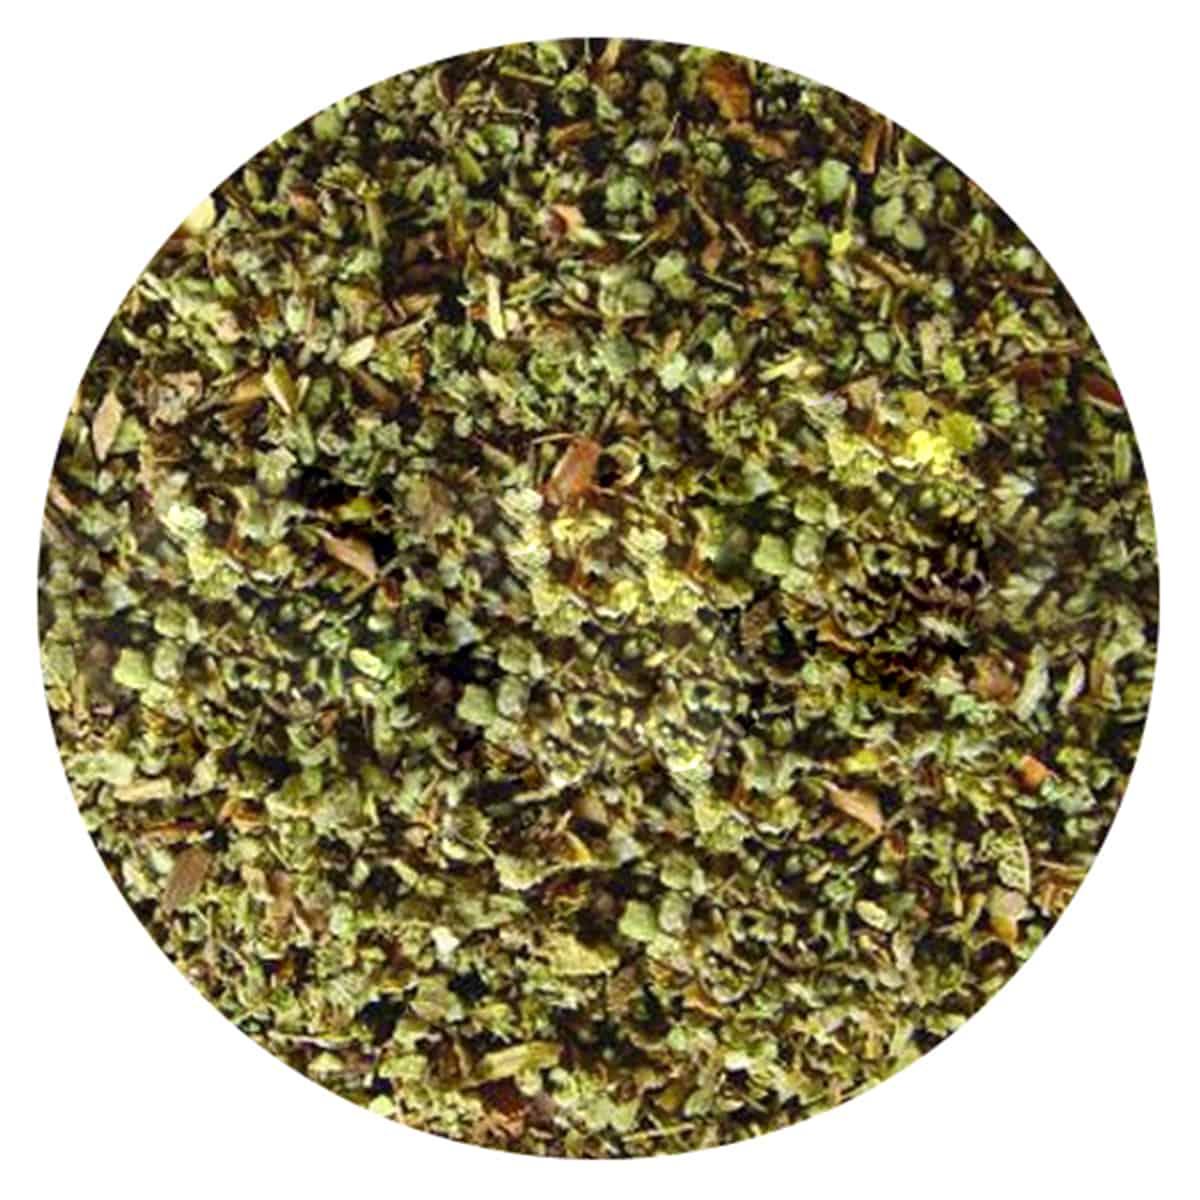 Buy IAG Foods Dried Sage Leaves (Salvia Officinalis) - 1 kg